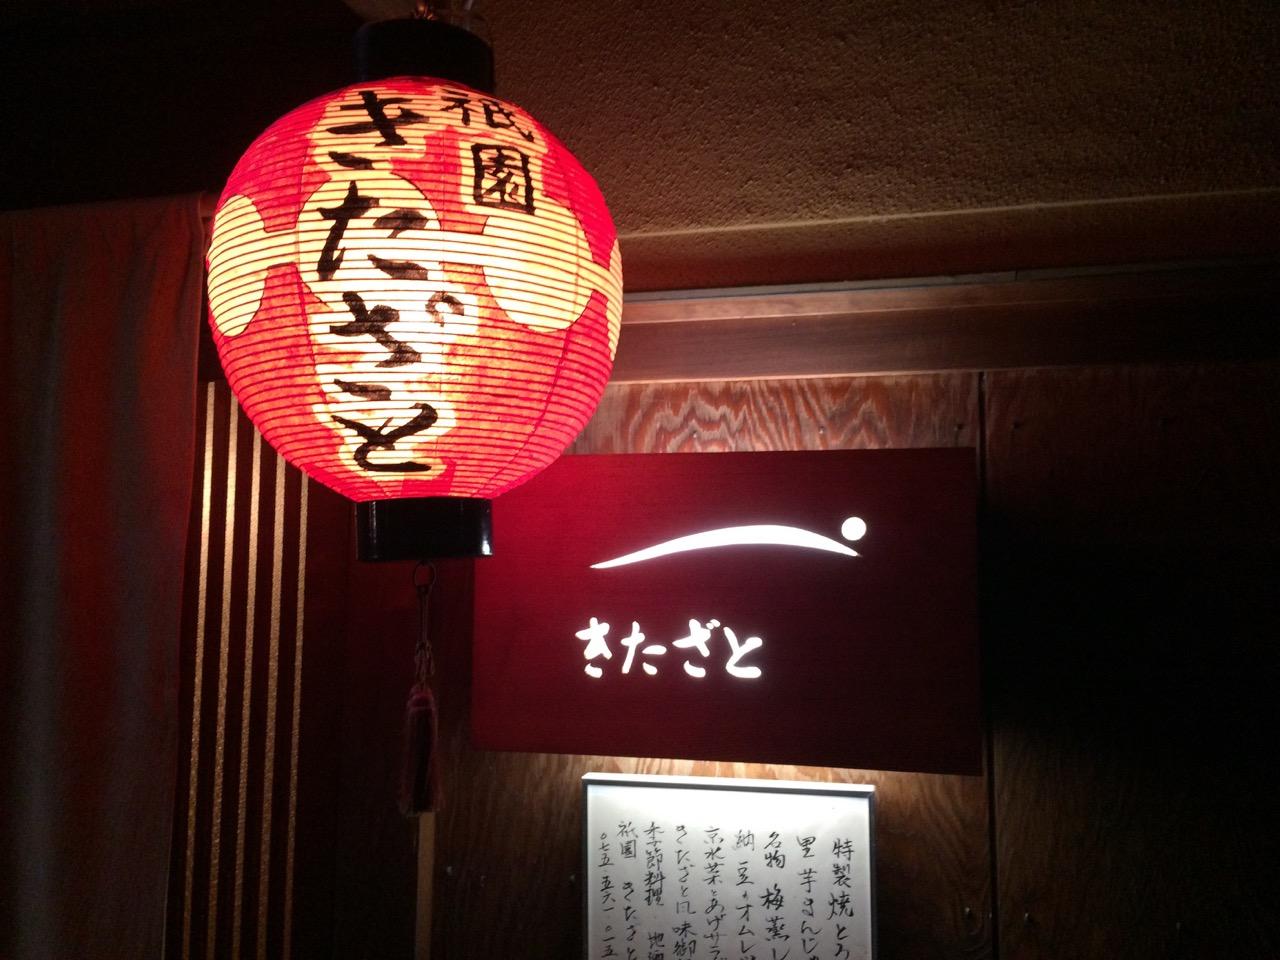 祇園でお酒を楽しもう!〈京都開催・日本酒イベントレポート〉